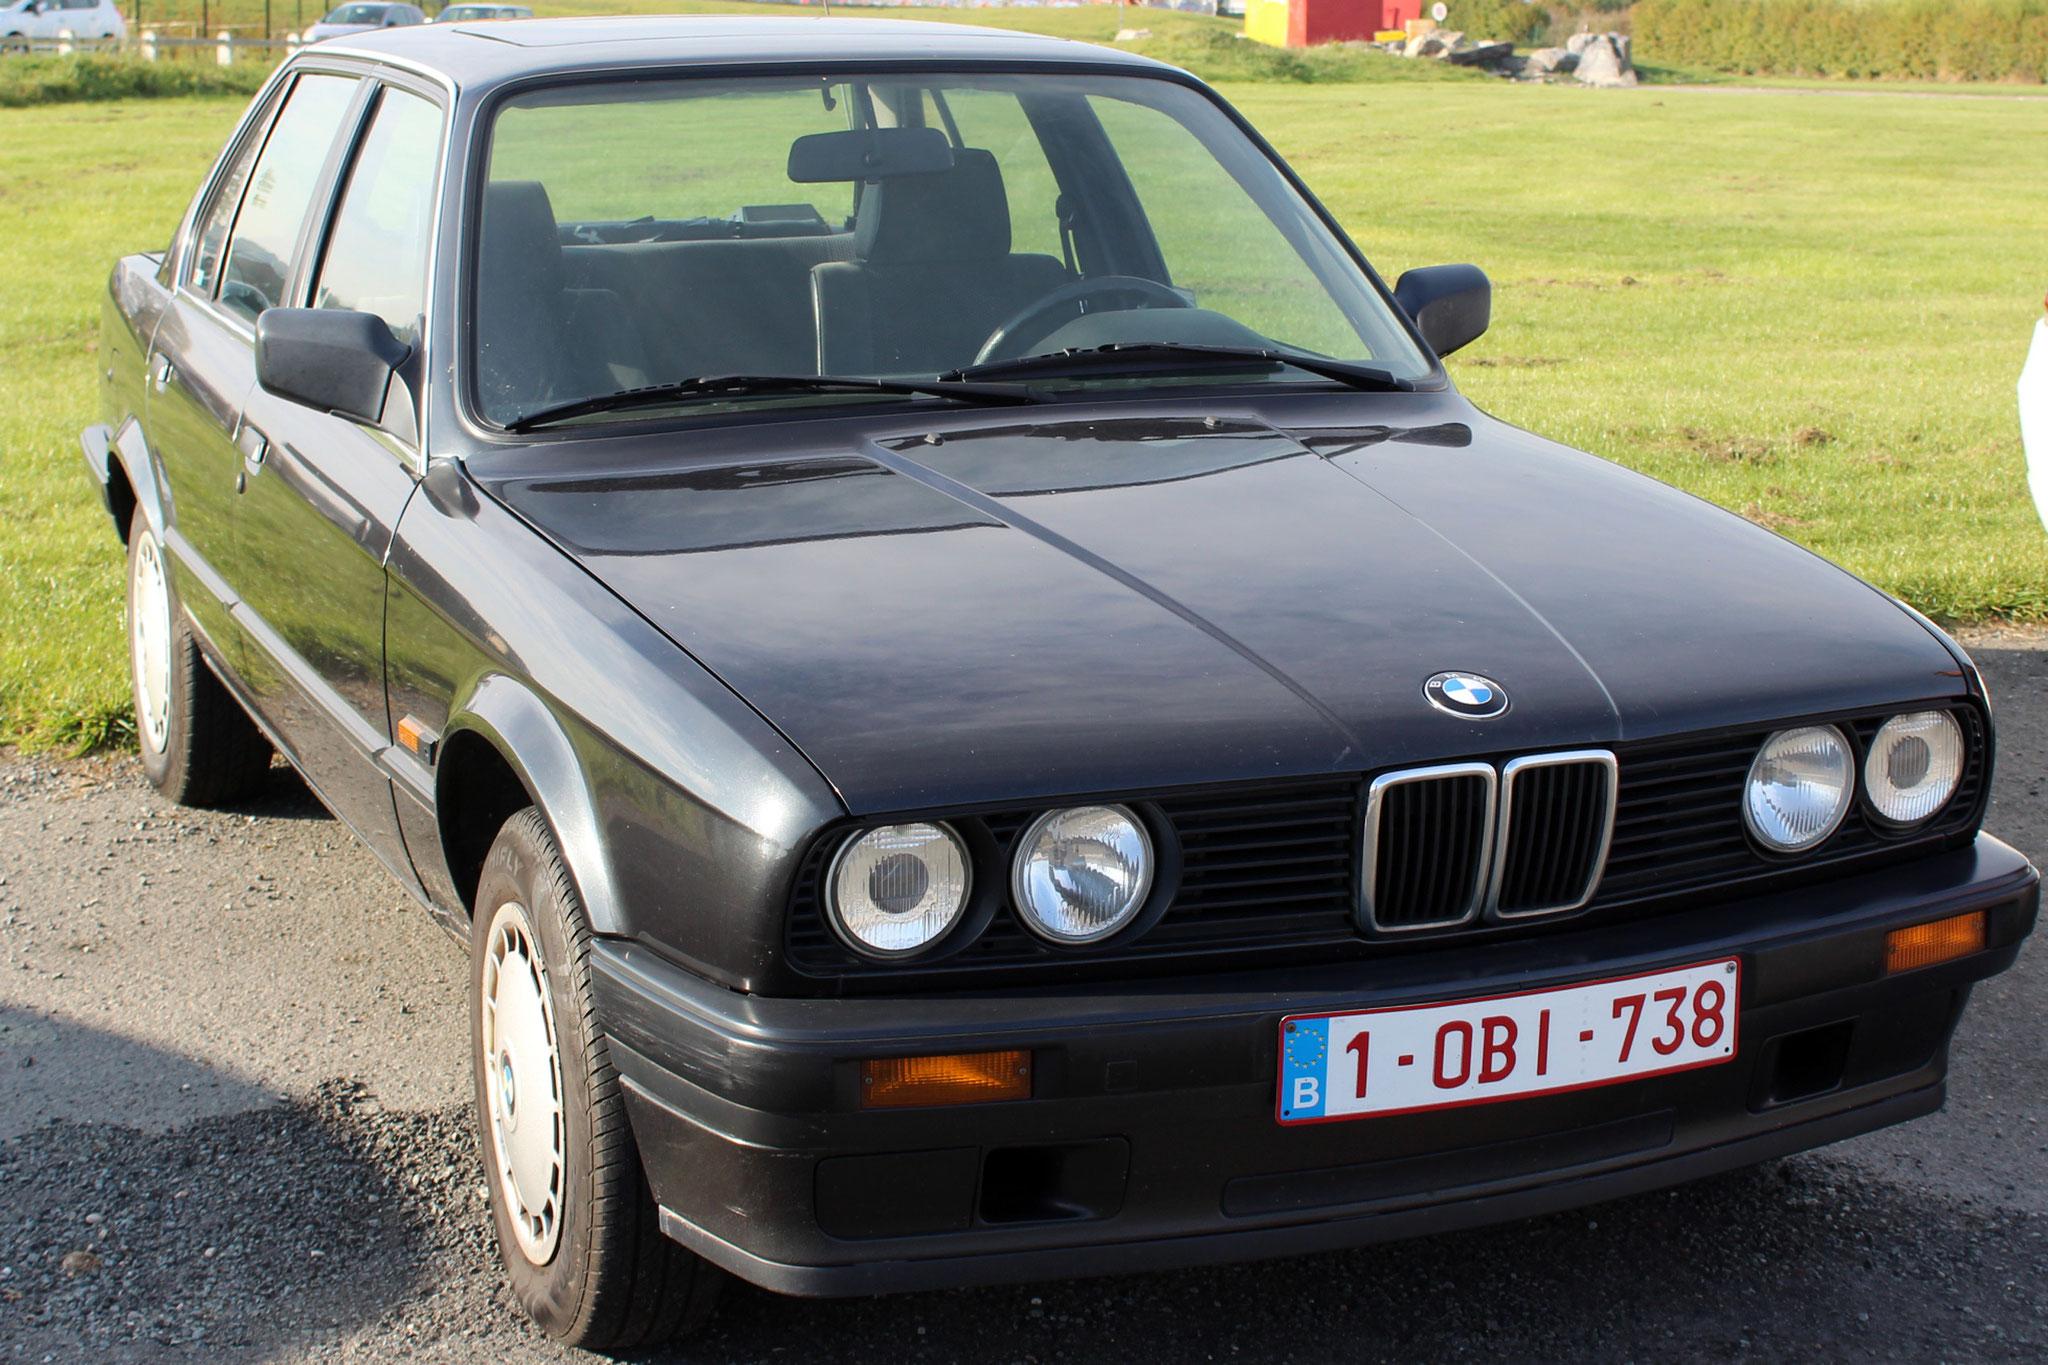 1090 - BMW - 18I - 1987